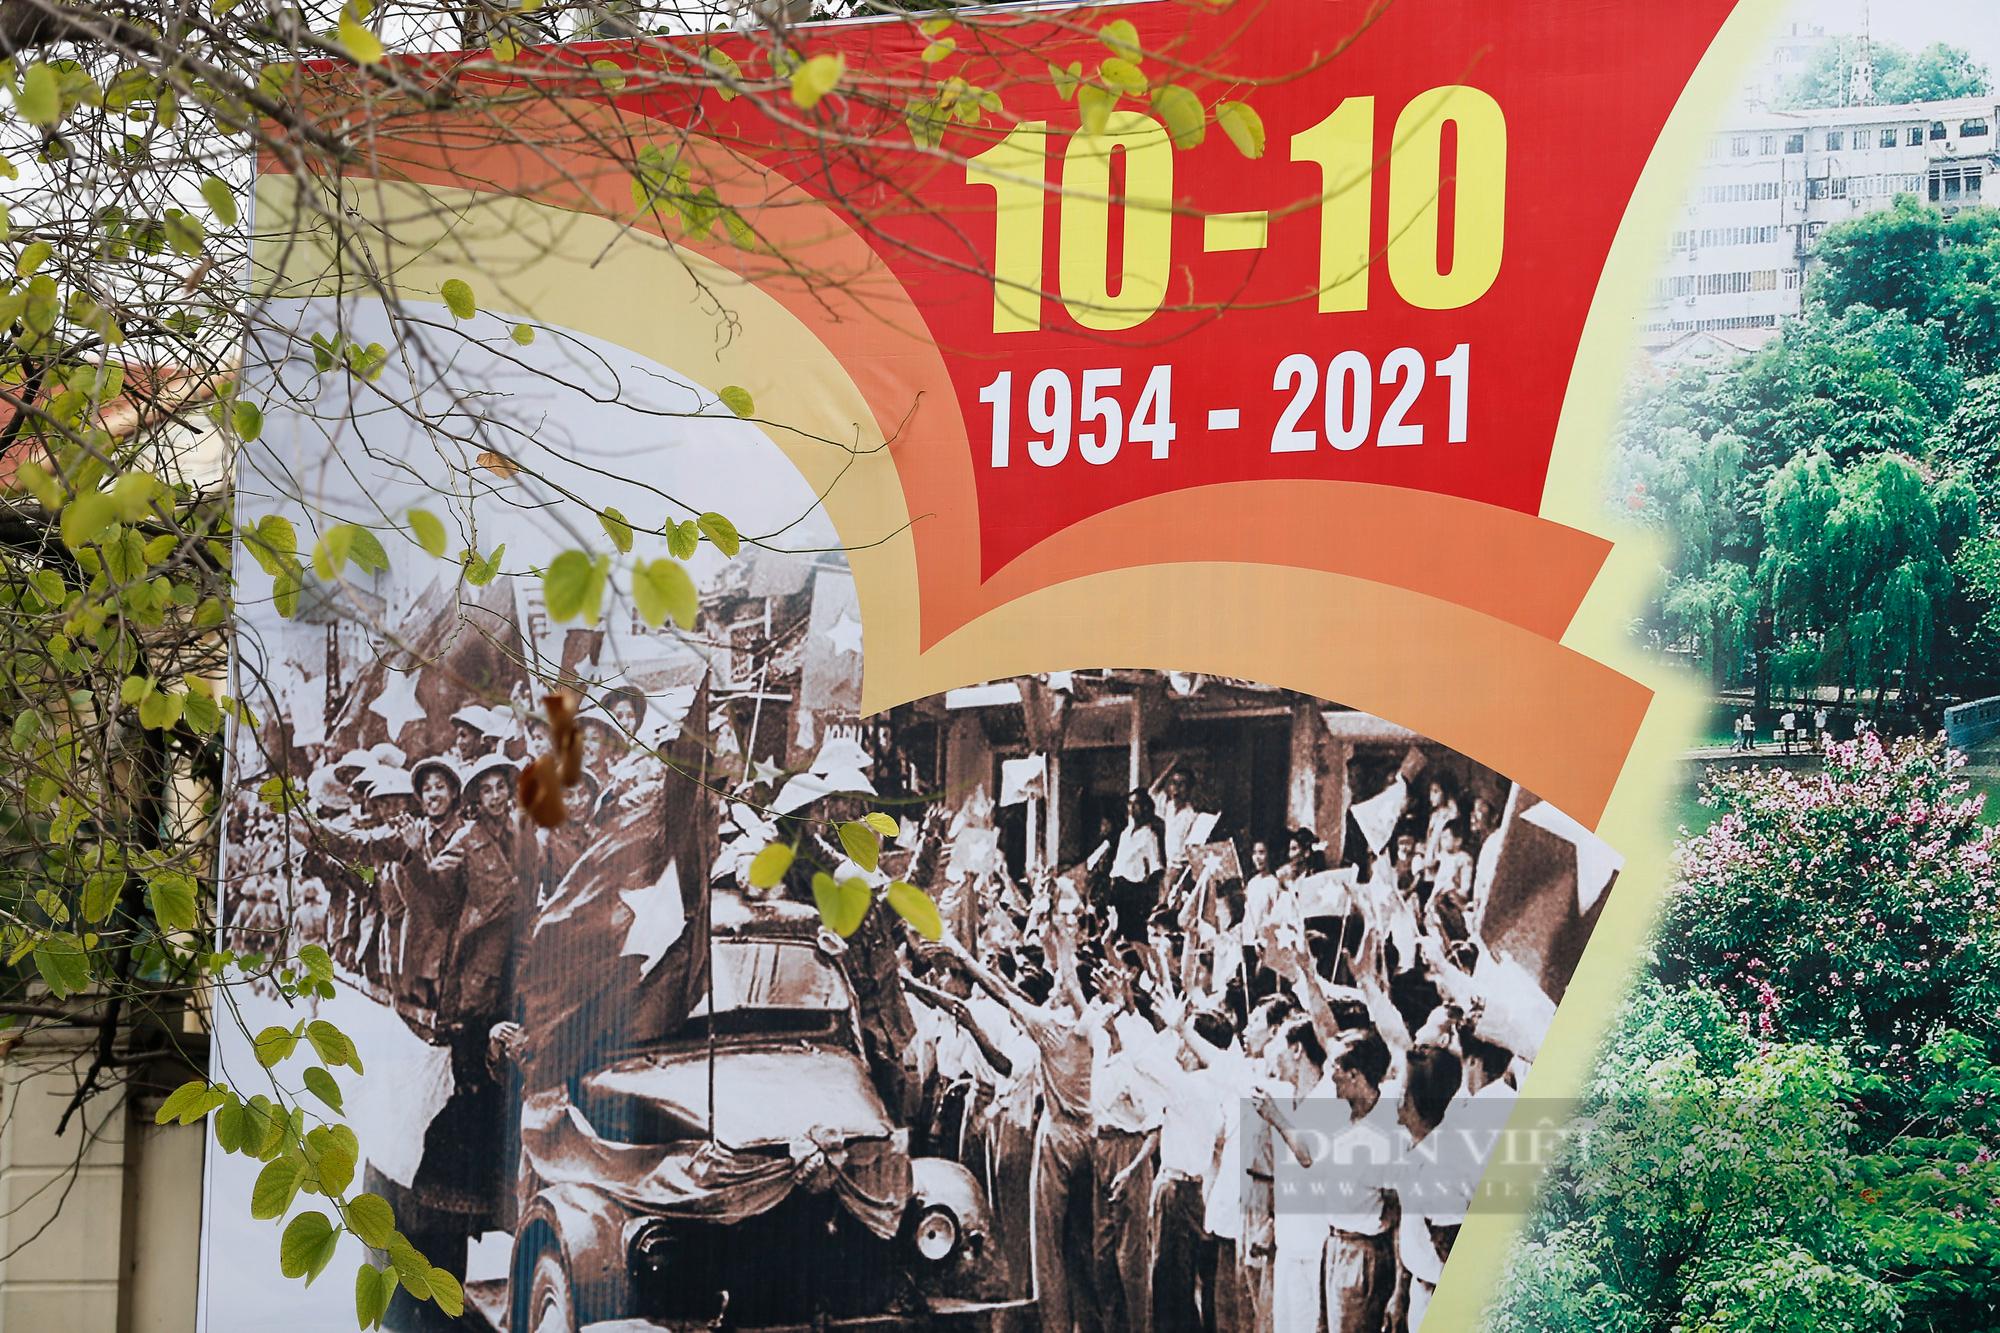 Đường phố Hà Nội rực rỡ chào mừng Ngày Giải phóng Thủ đô  - Ảnh 8.